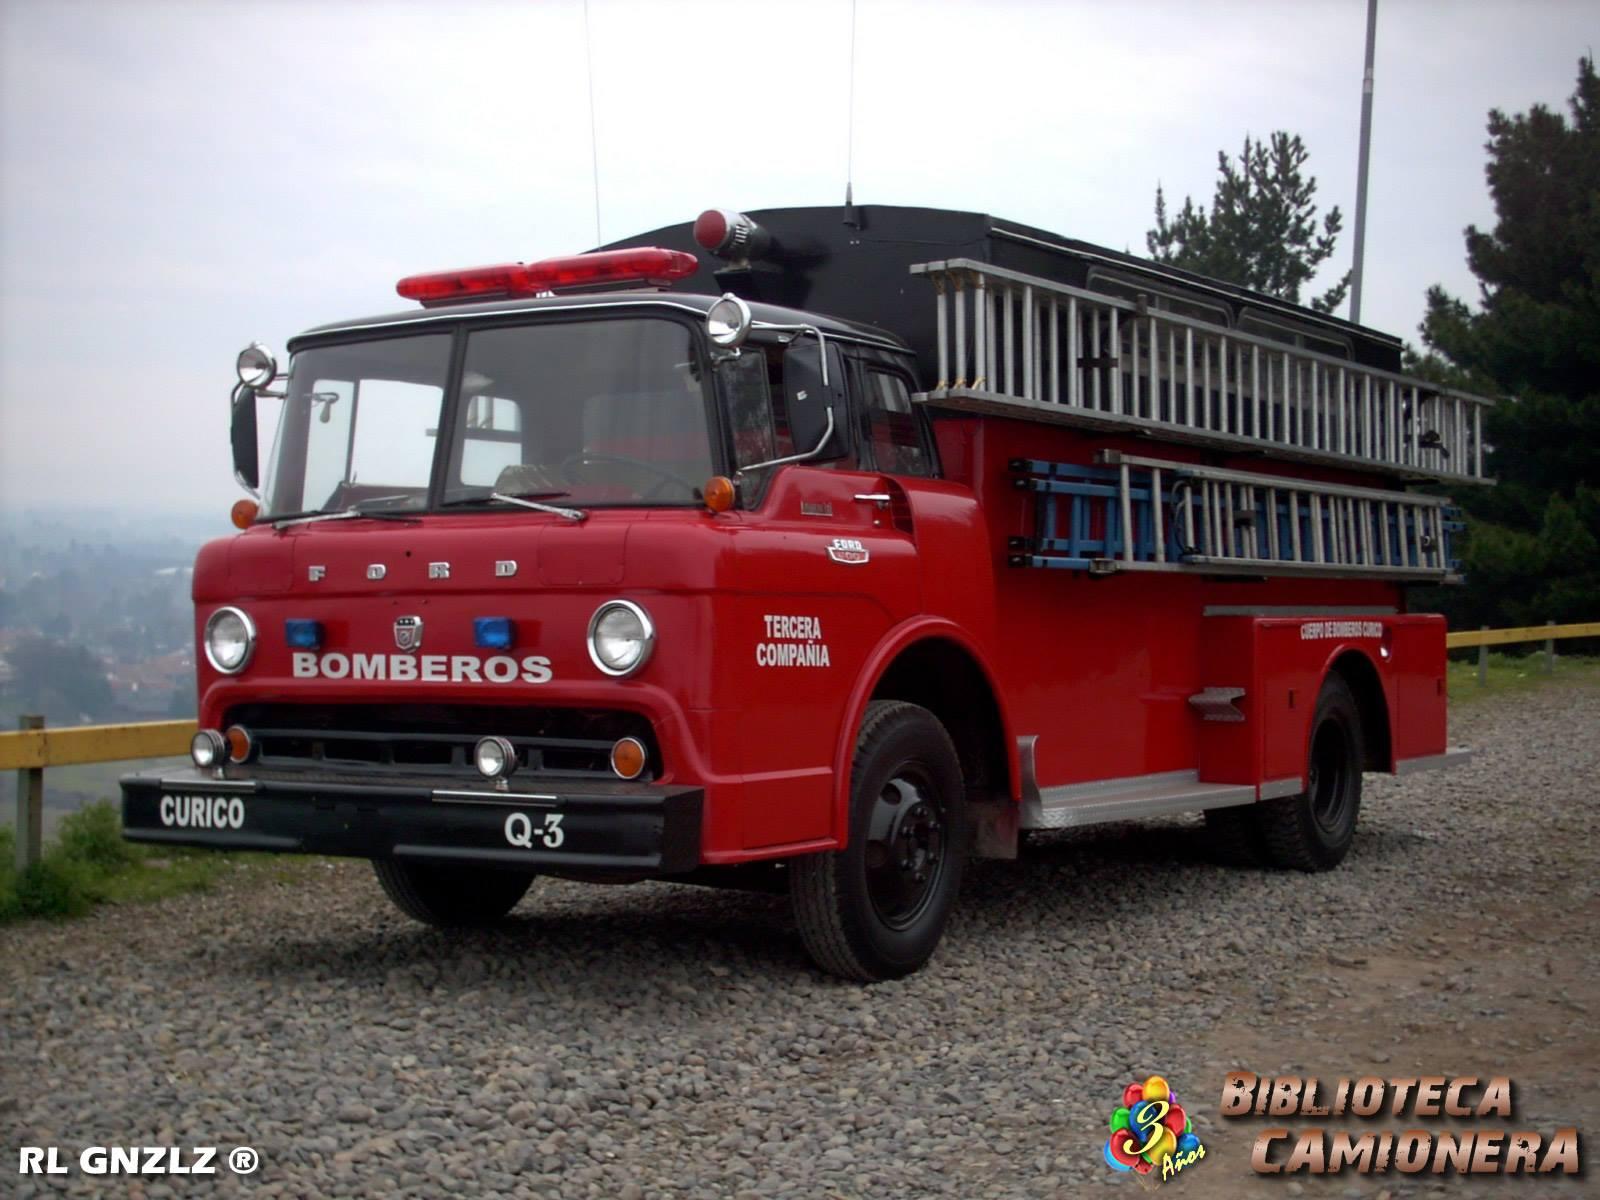 Ford-C-600--Cuerpo-de-Bomberos-de-Curico--Tercera-Compania-Sargento-Aldea